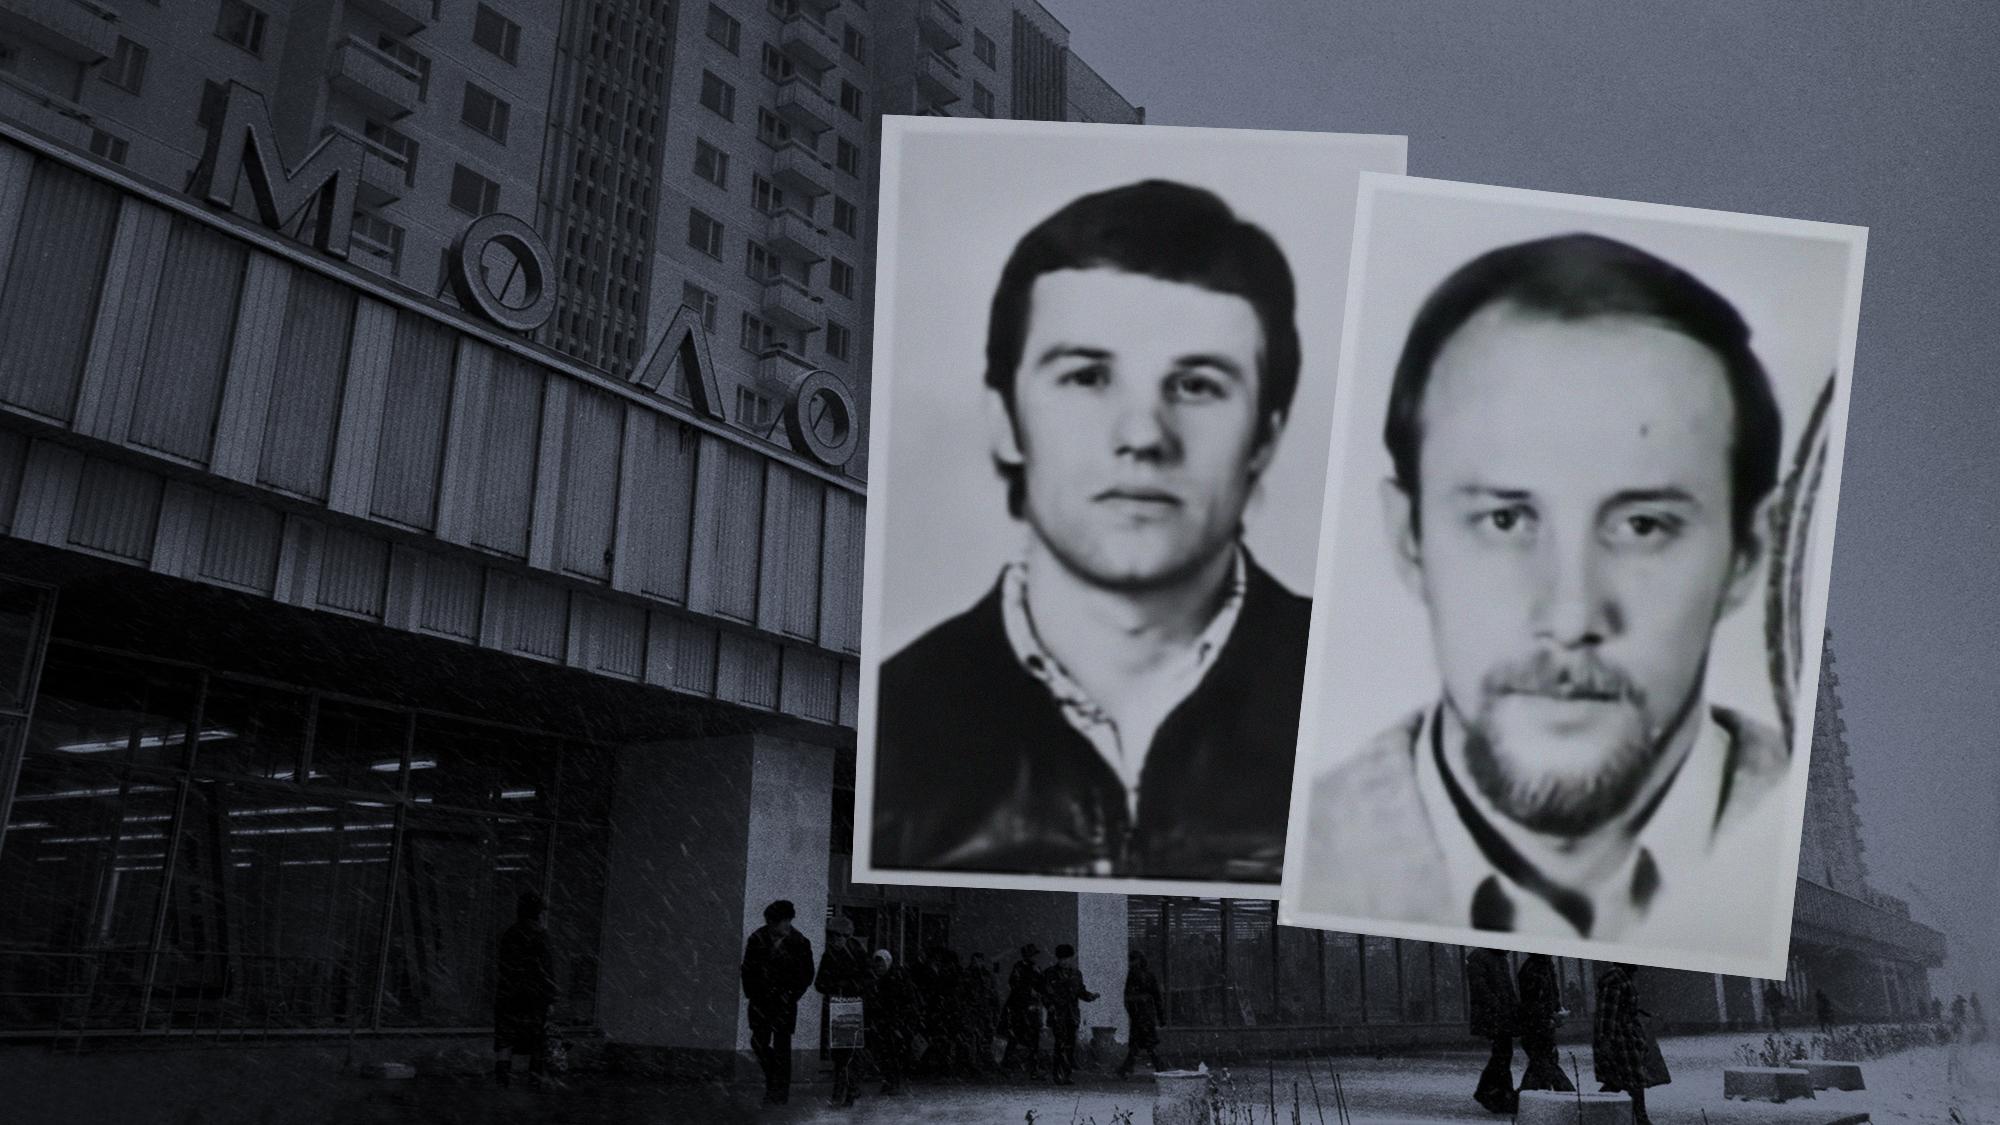 Пятеро убитых и 330 тысяч рублей. Как в СССР банда силовиков совершила в Москве 'ограбление века'